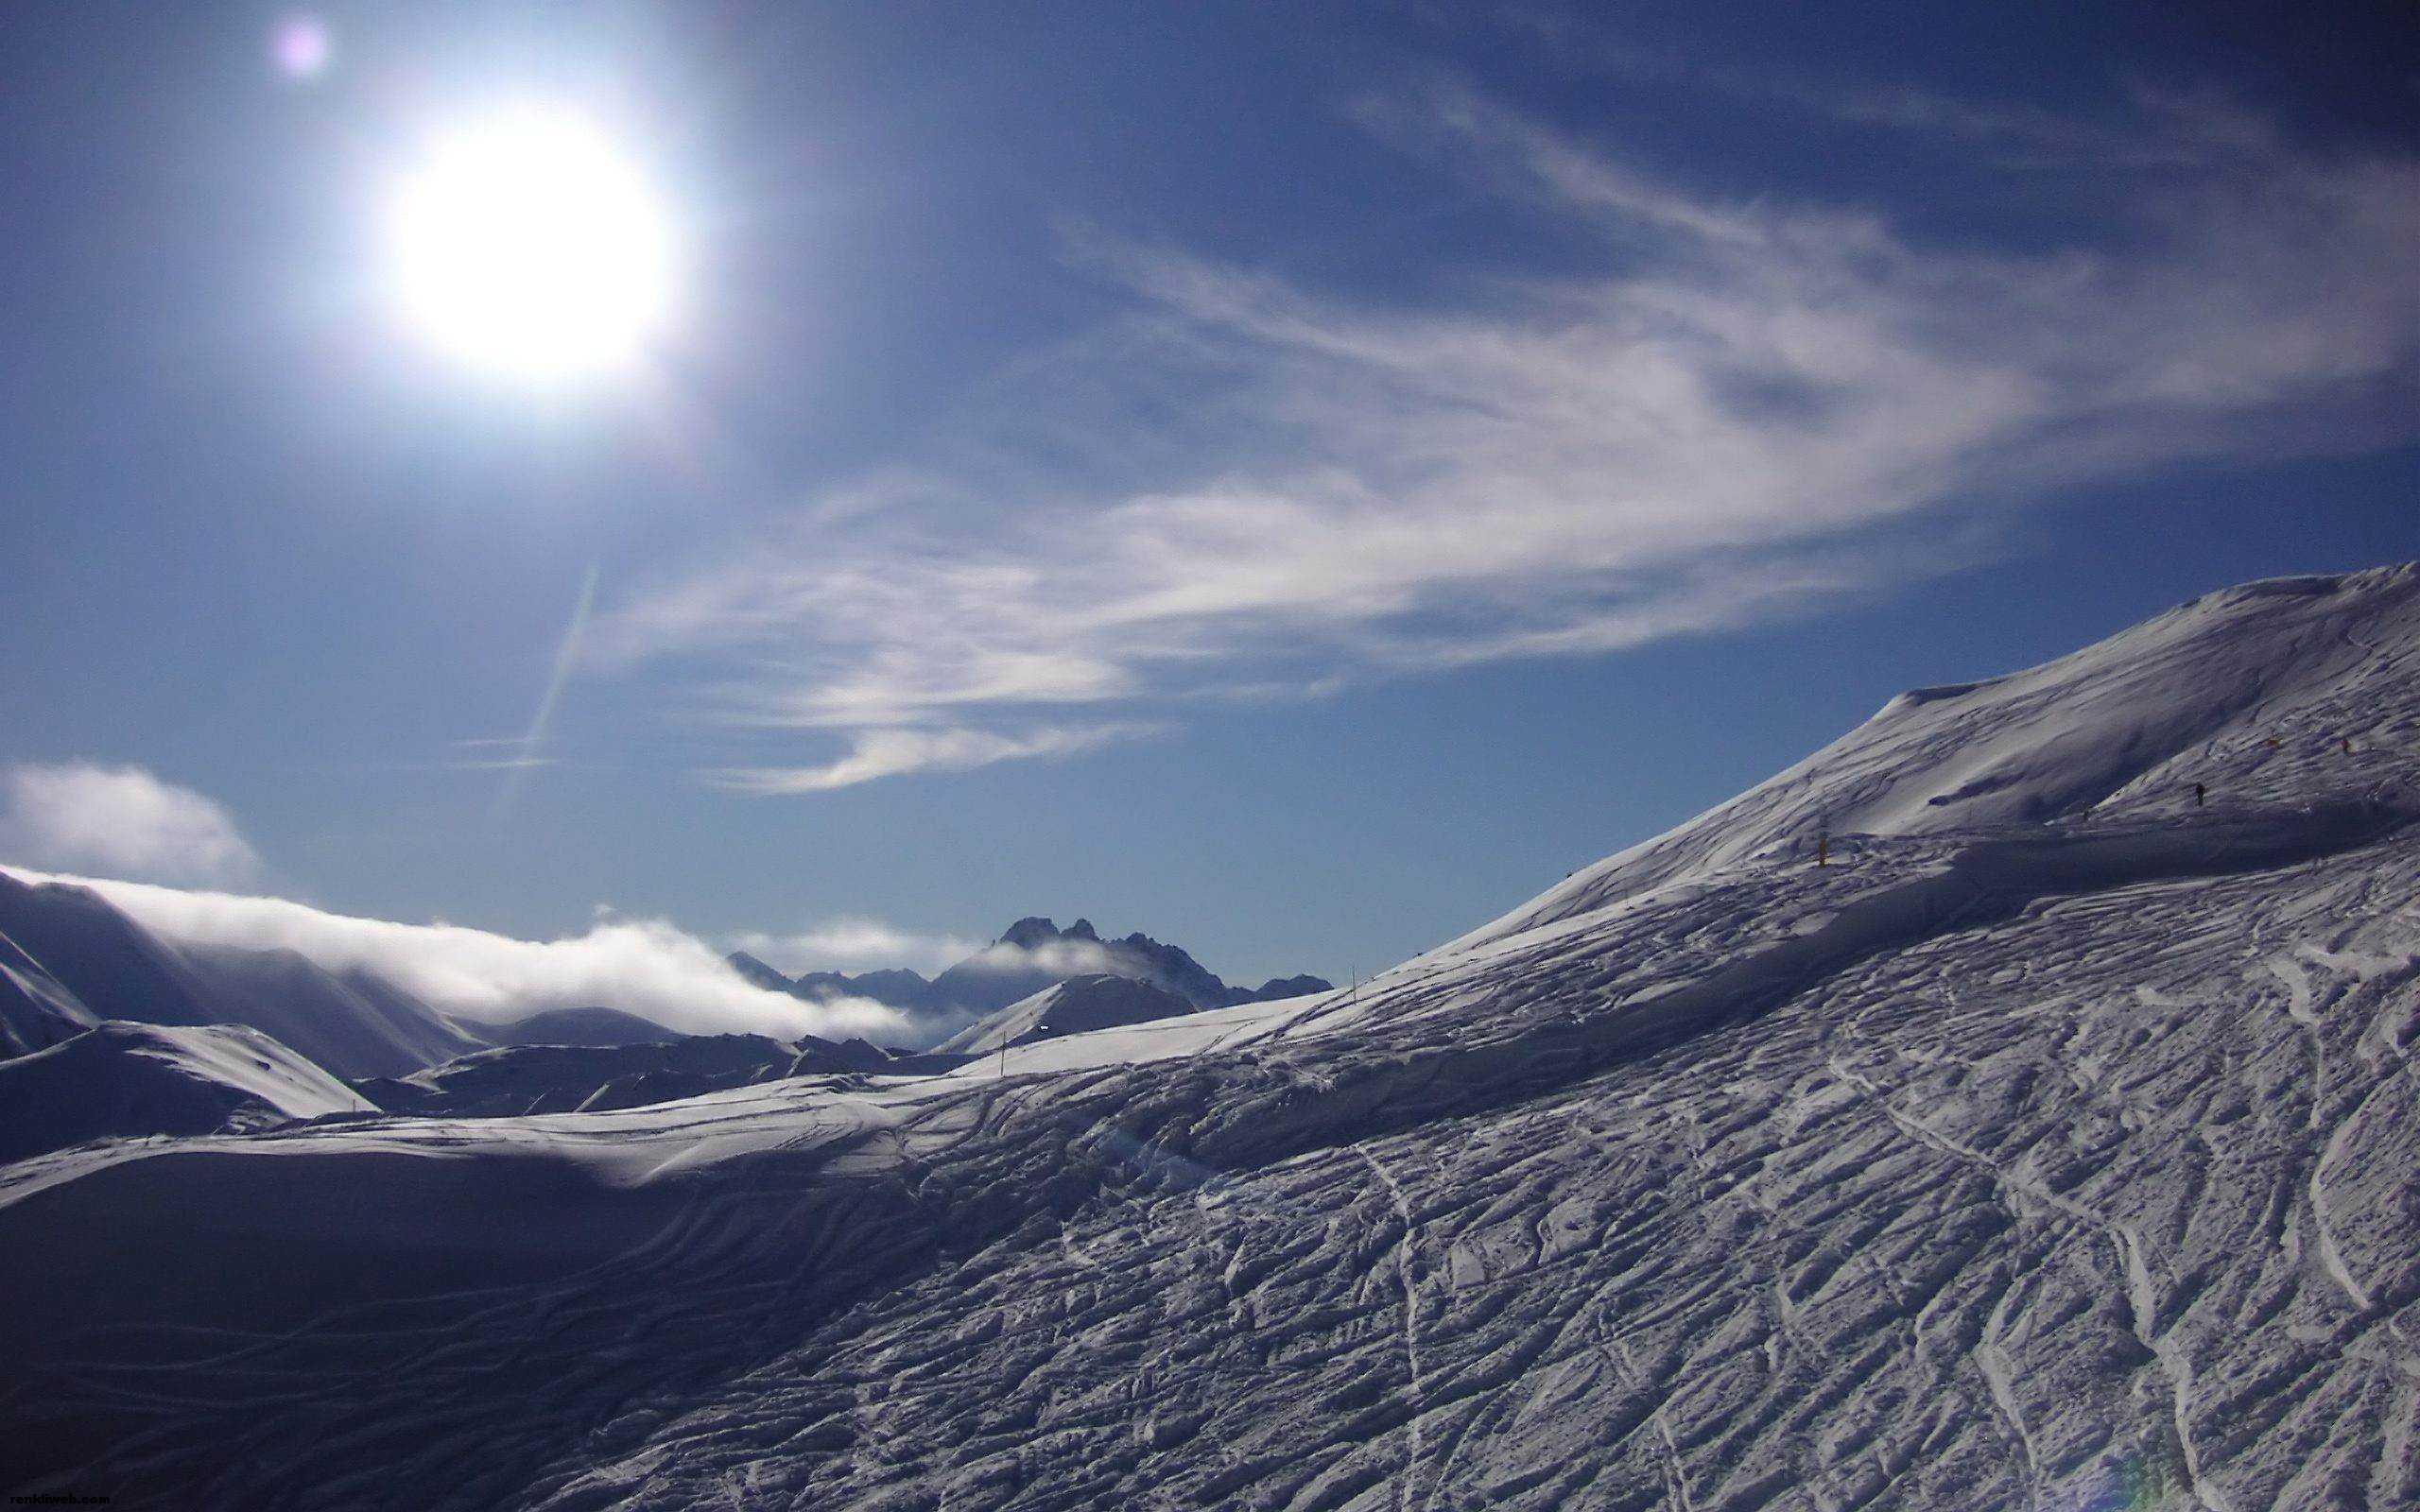 kış ve kar manzaraları 005